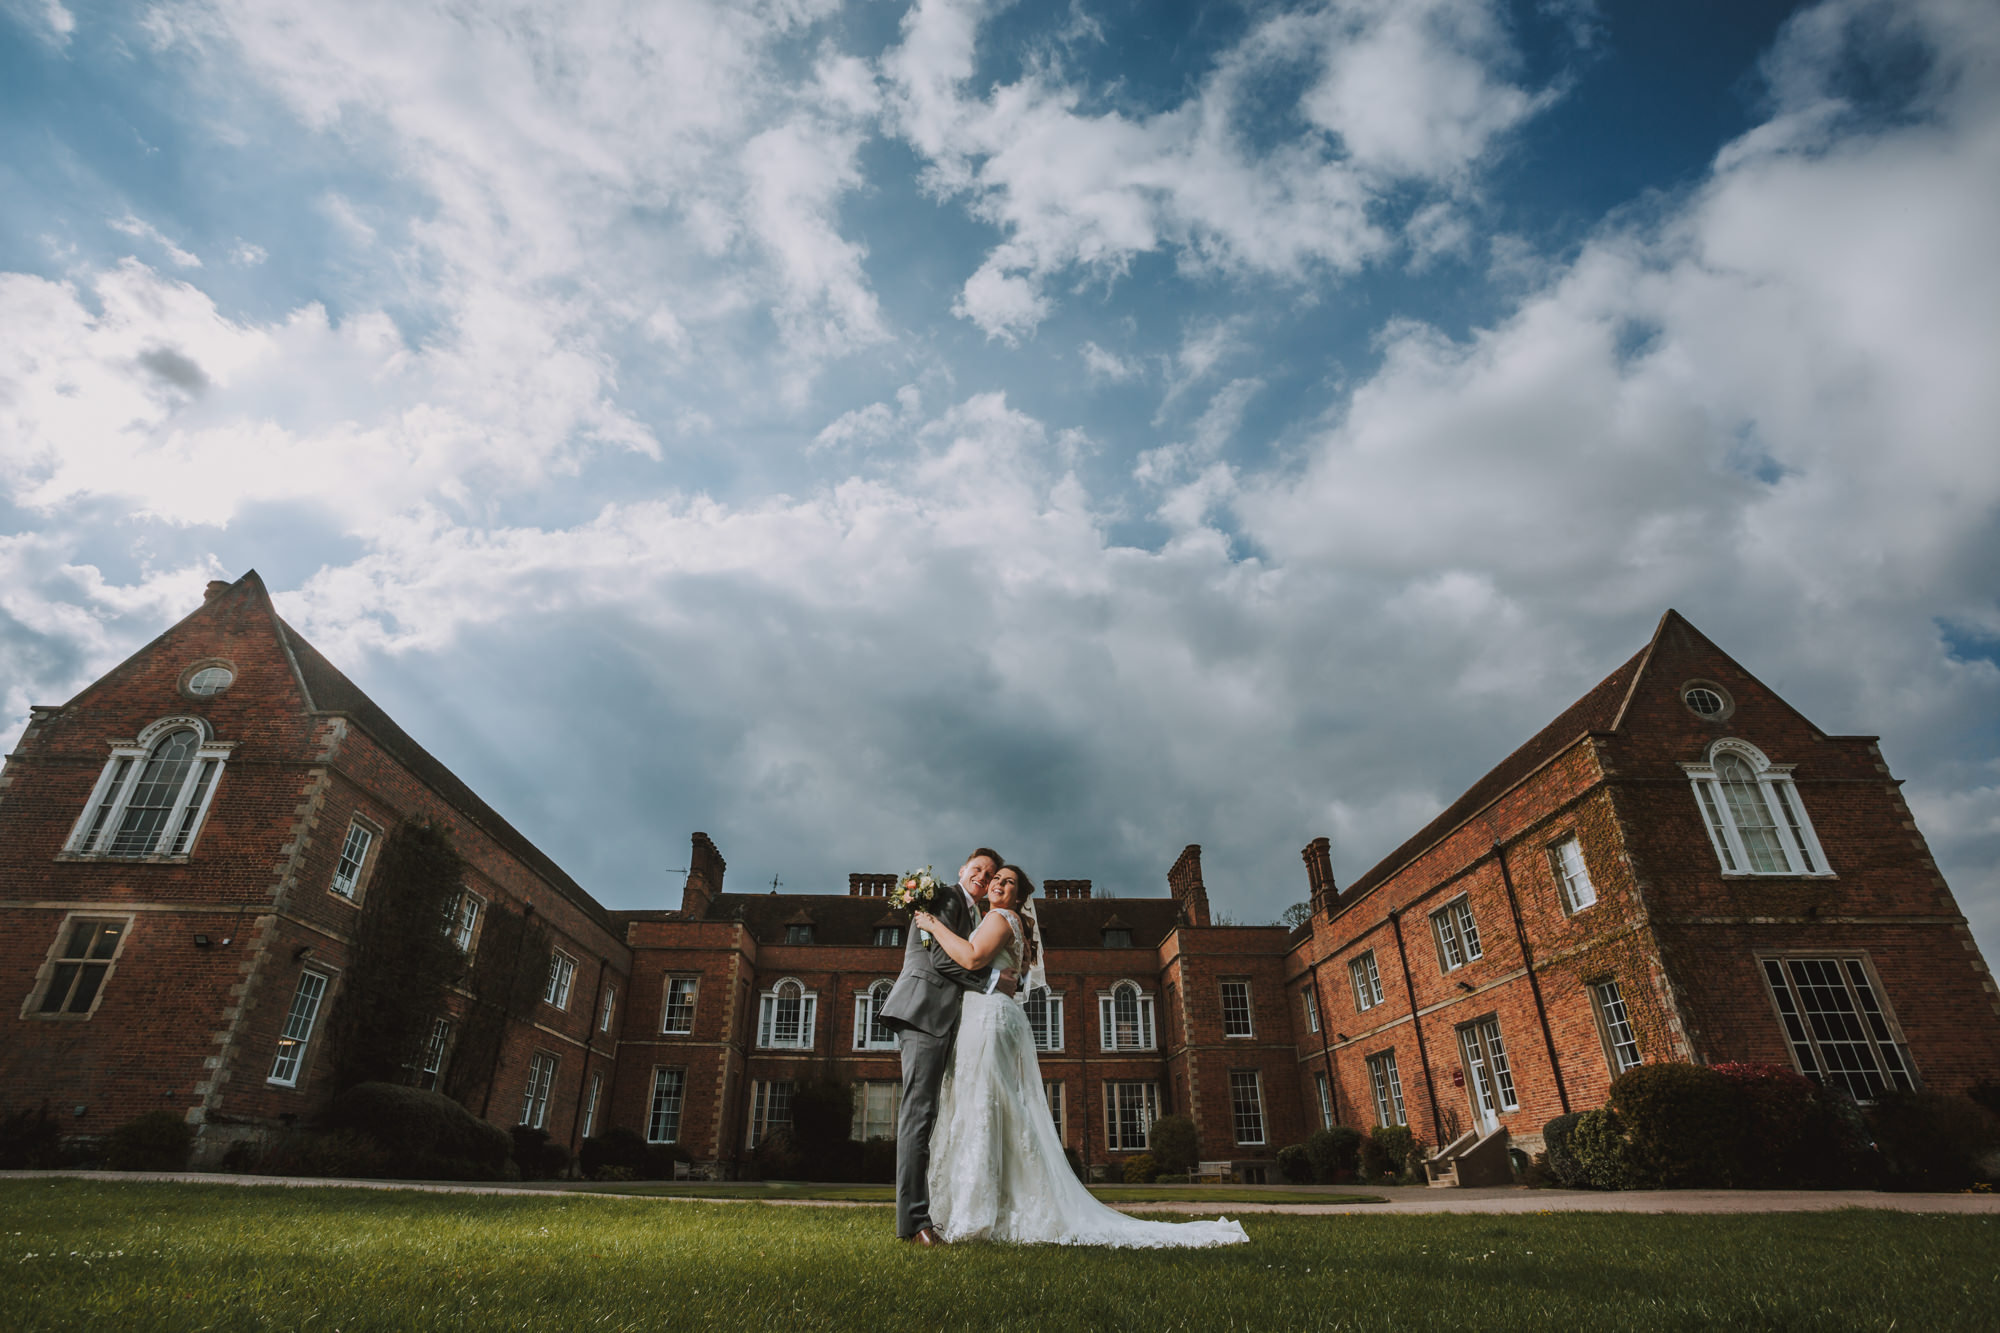 wedding photographers in buckinghamshire-21.jpg